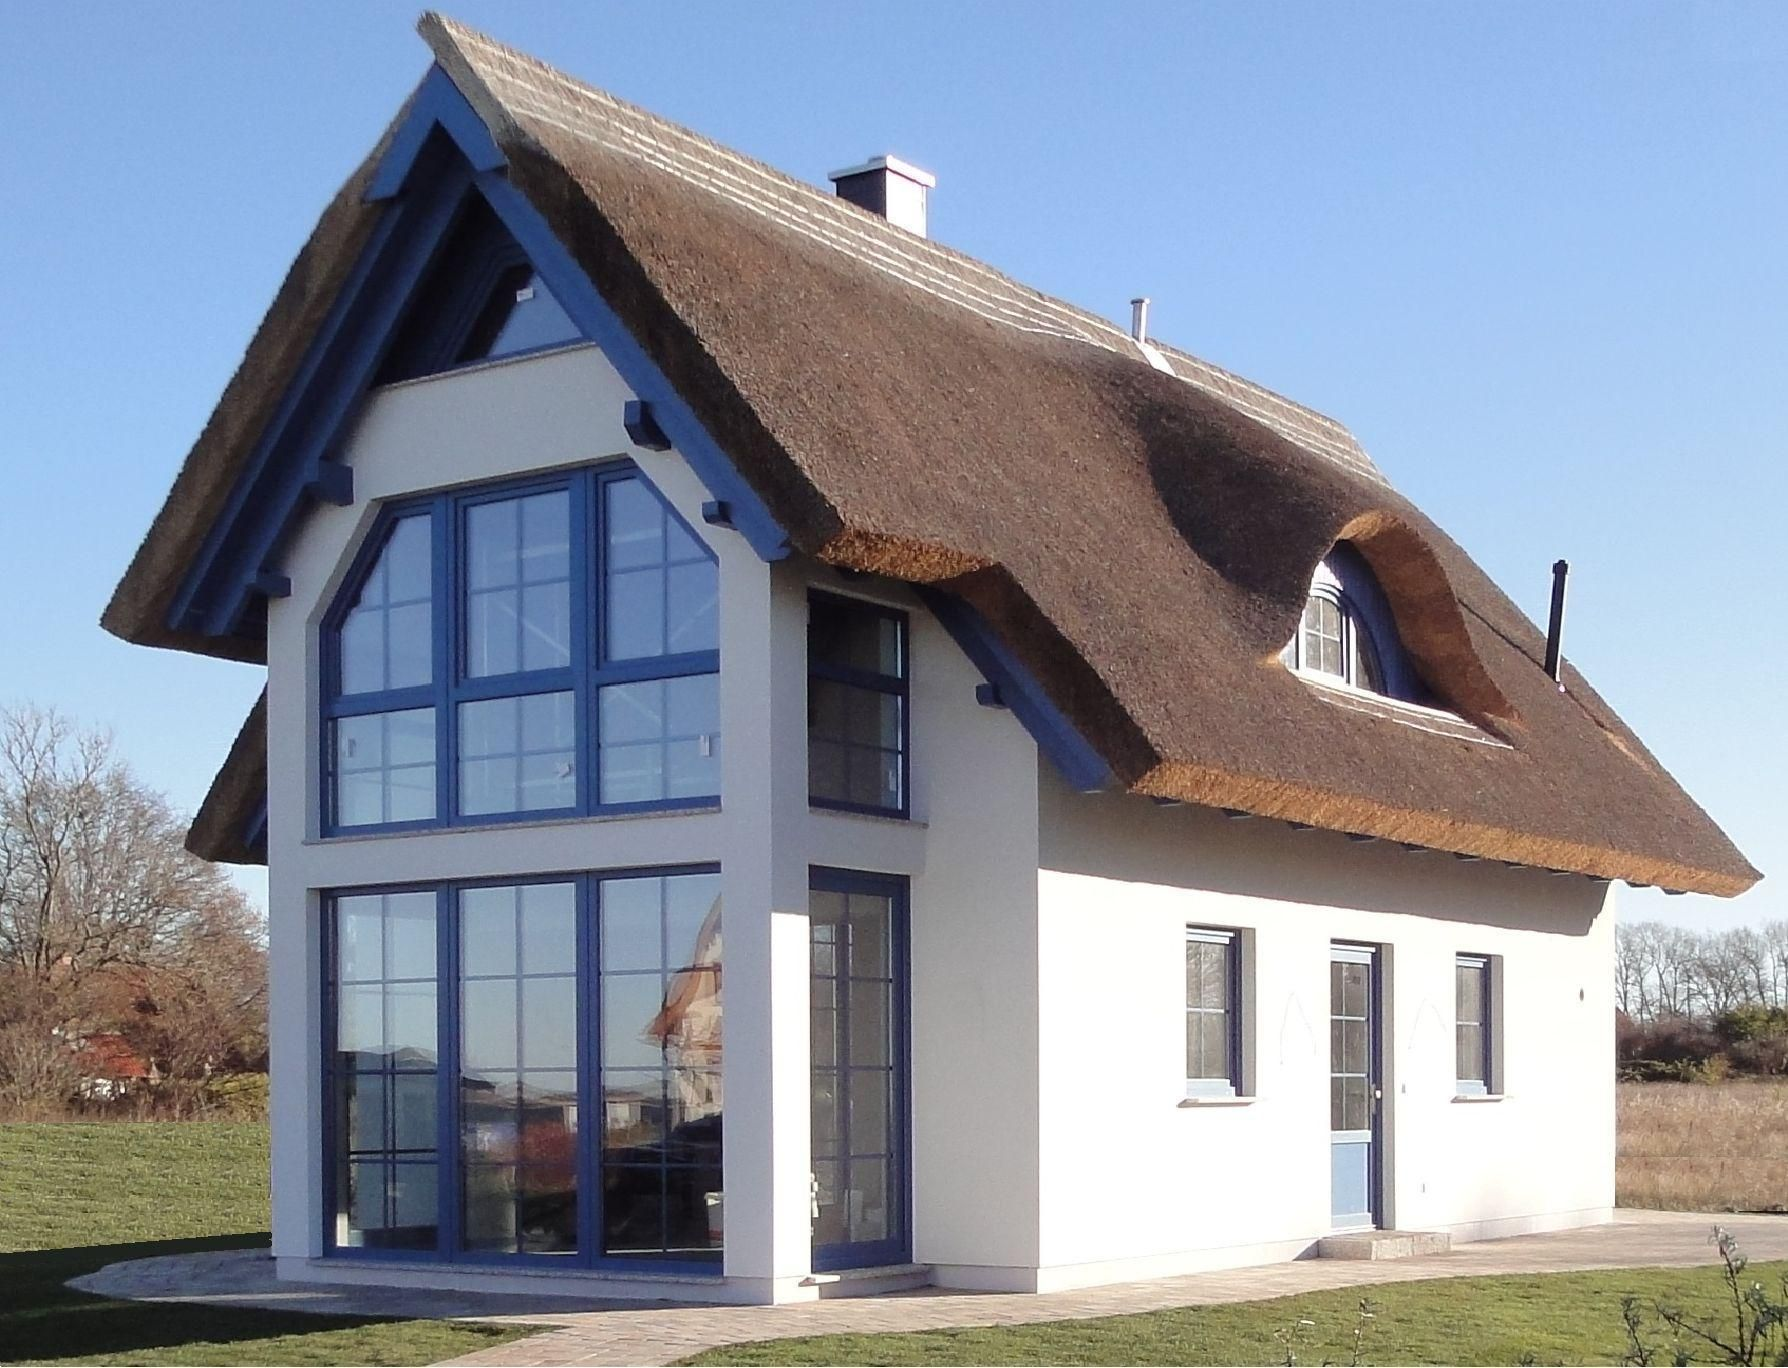 FerienhausmitHund.de Ferienhaus, Ferienwohnung